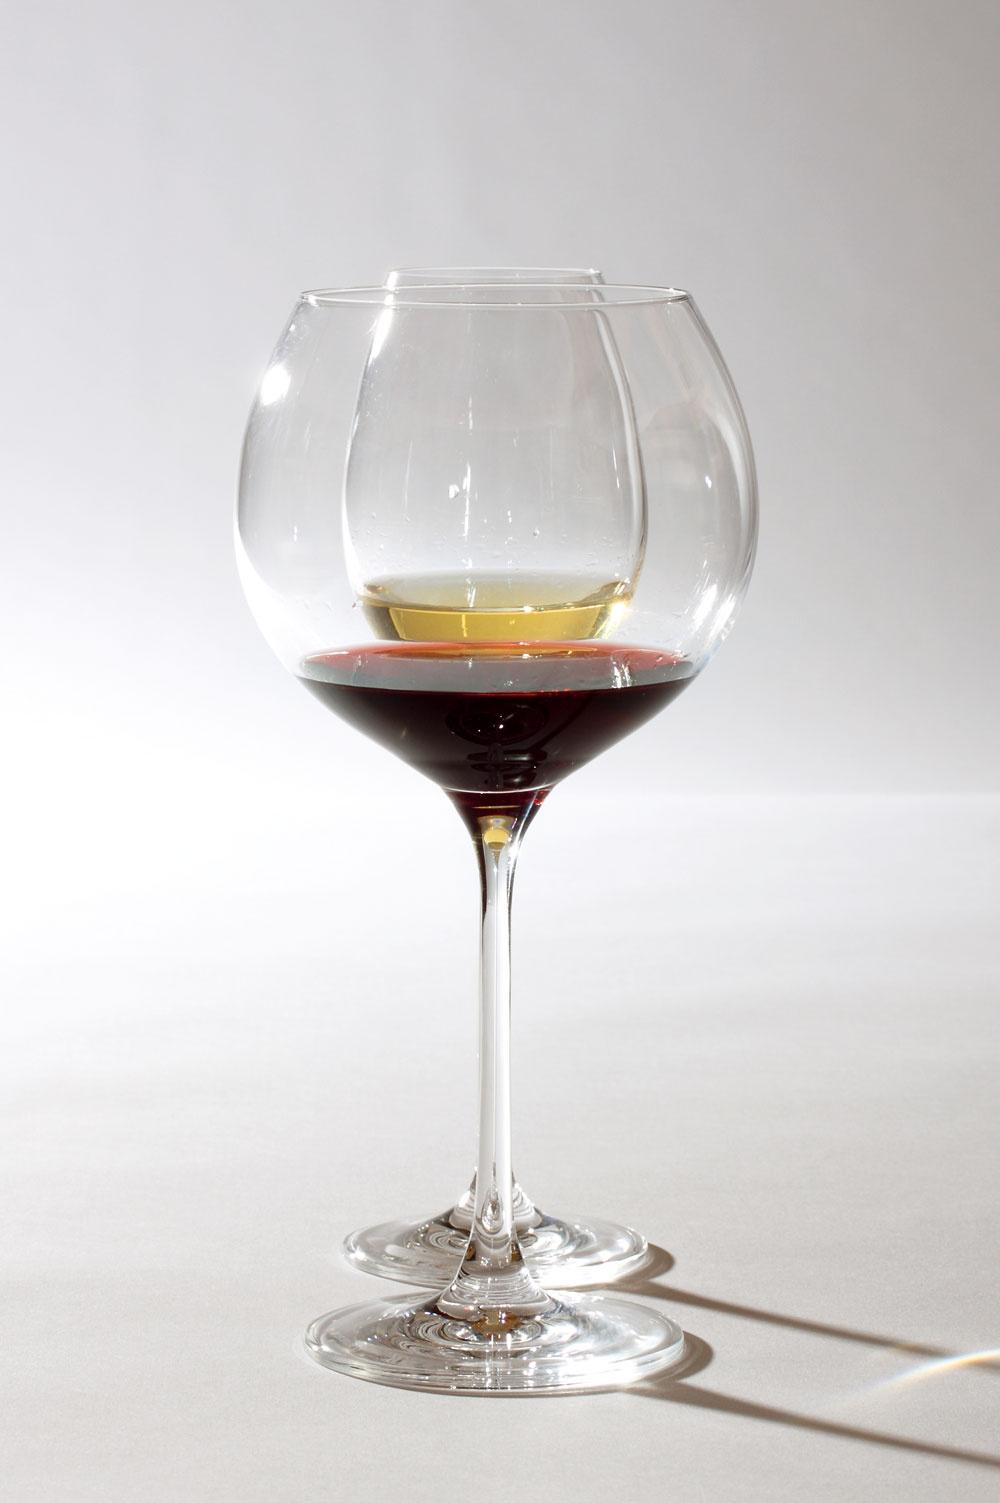 Poháre Cheers od firmy Leonardo. Objem pohára na červené víno 77 cl, cena 9,70€. Objem pohára na biele víno 33cl, cena 6,97 €. Predáva Galan.